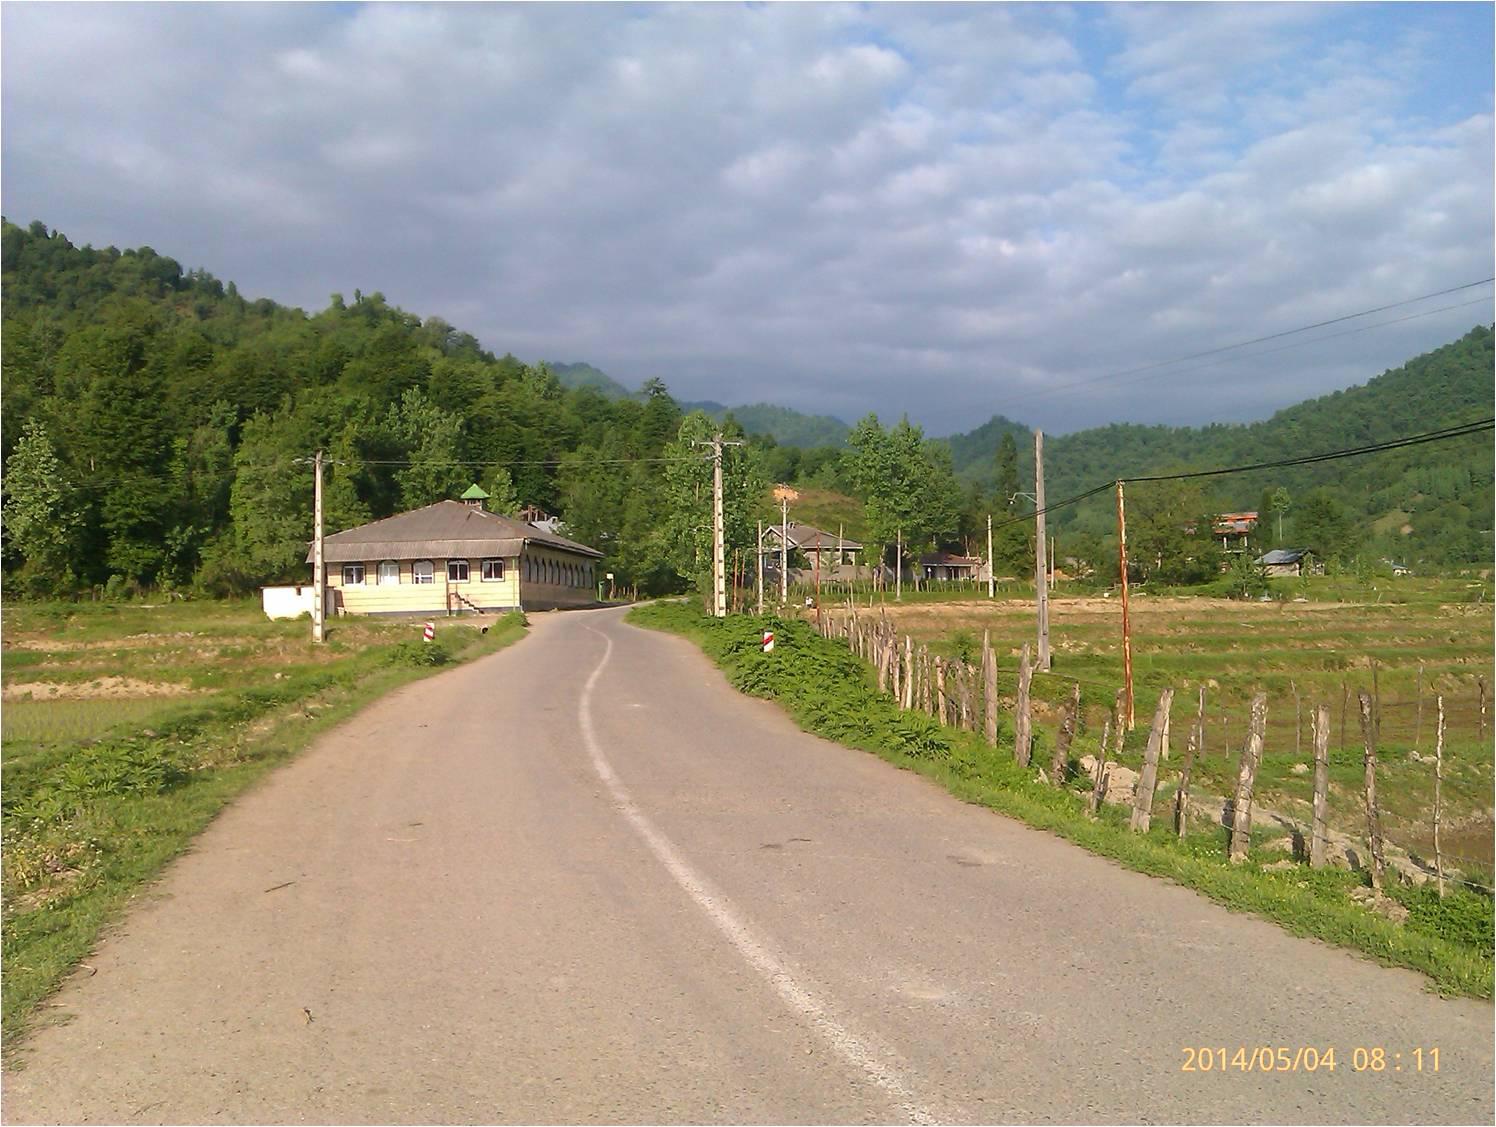 تصویر زیبا از بهار روستای شولم